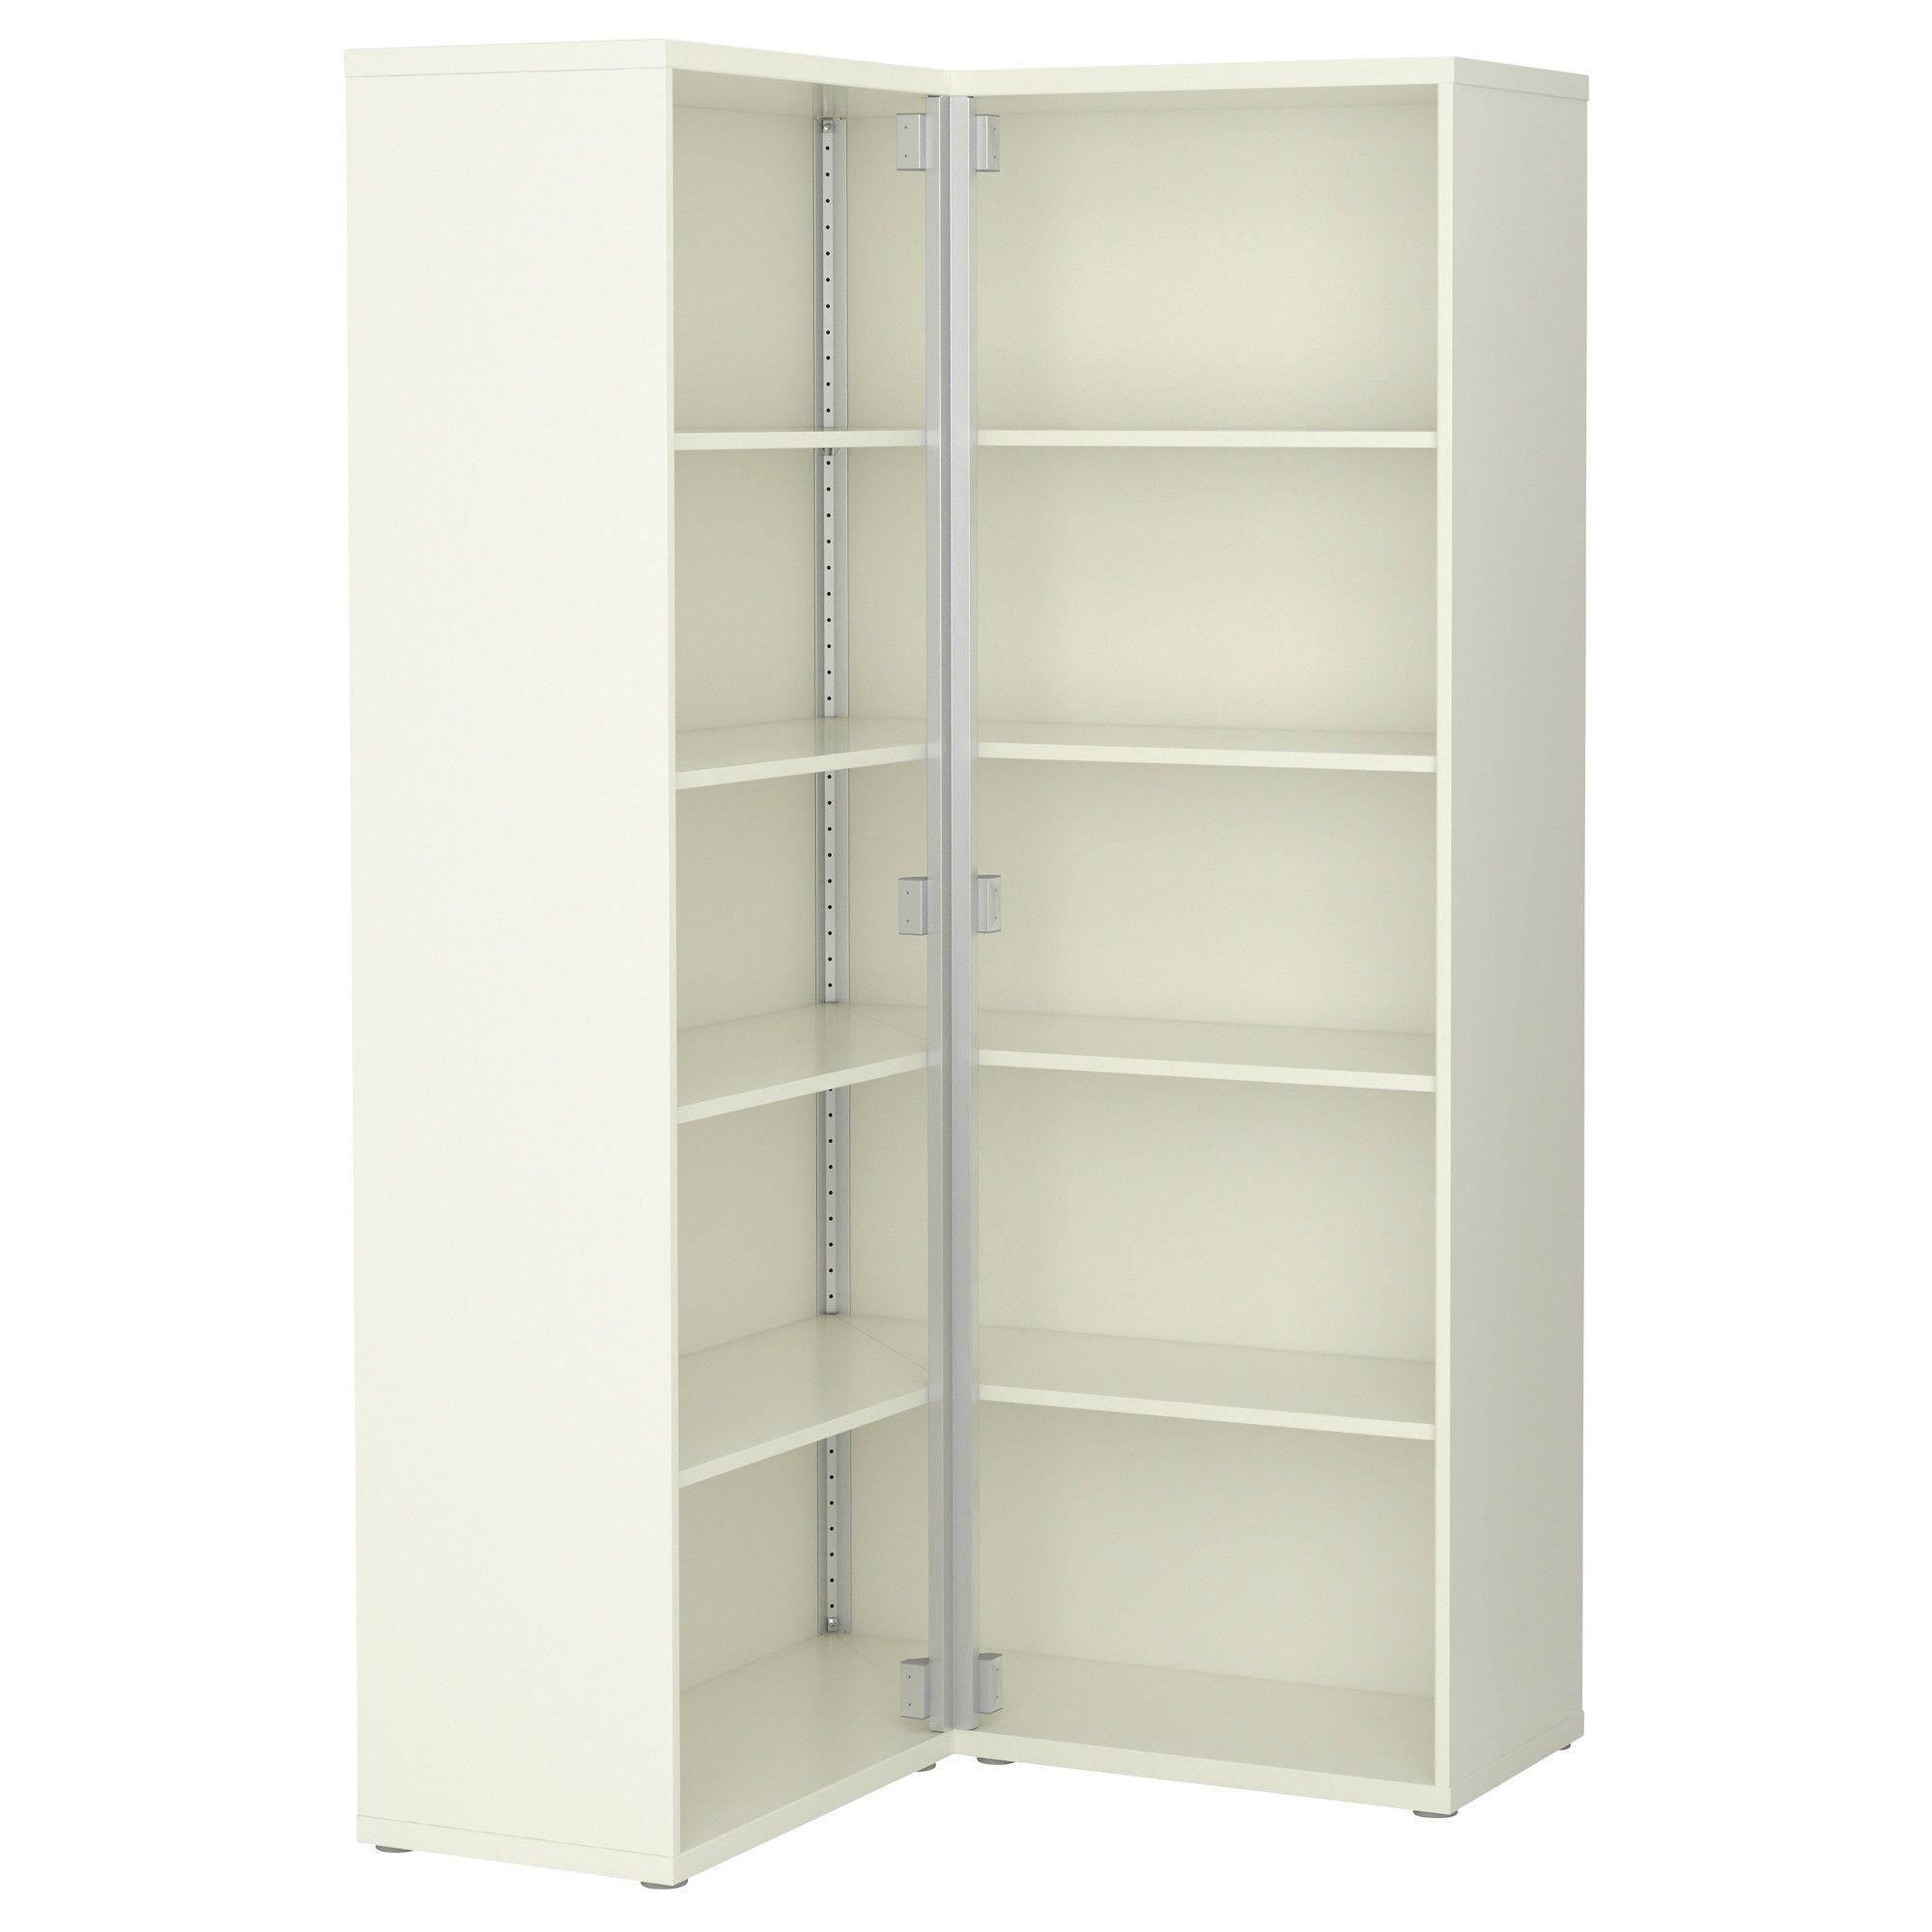 Libreria A Muro Moderna Ikea mobili e accessori per l'arredamento della casa (con